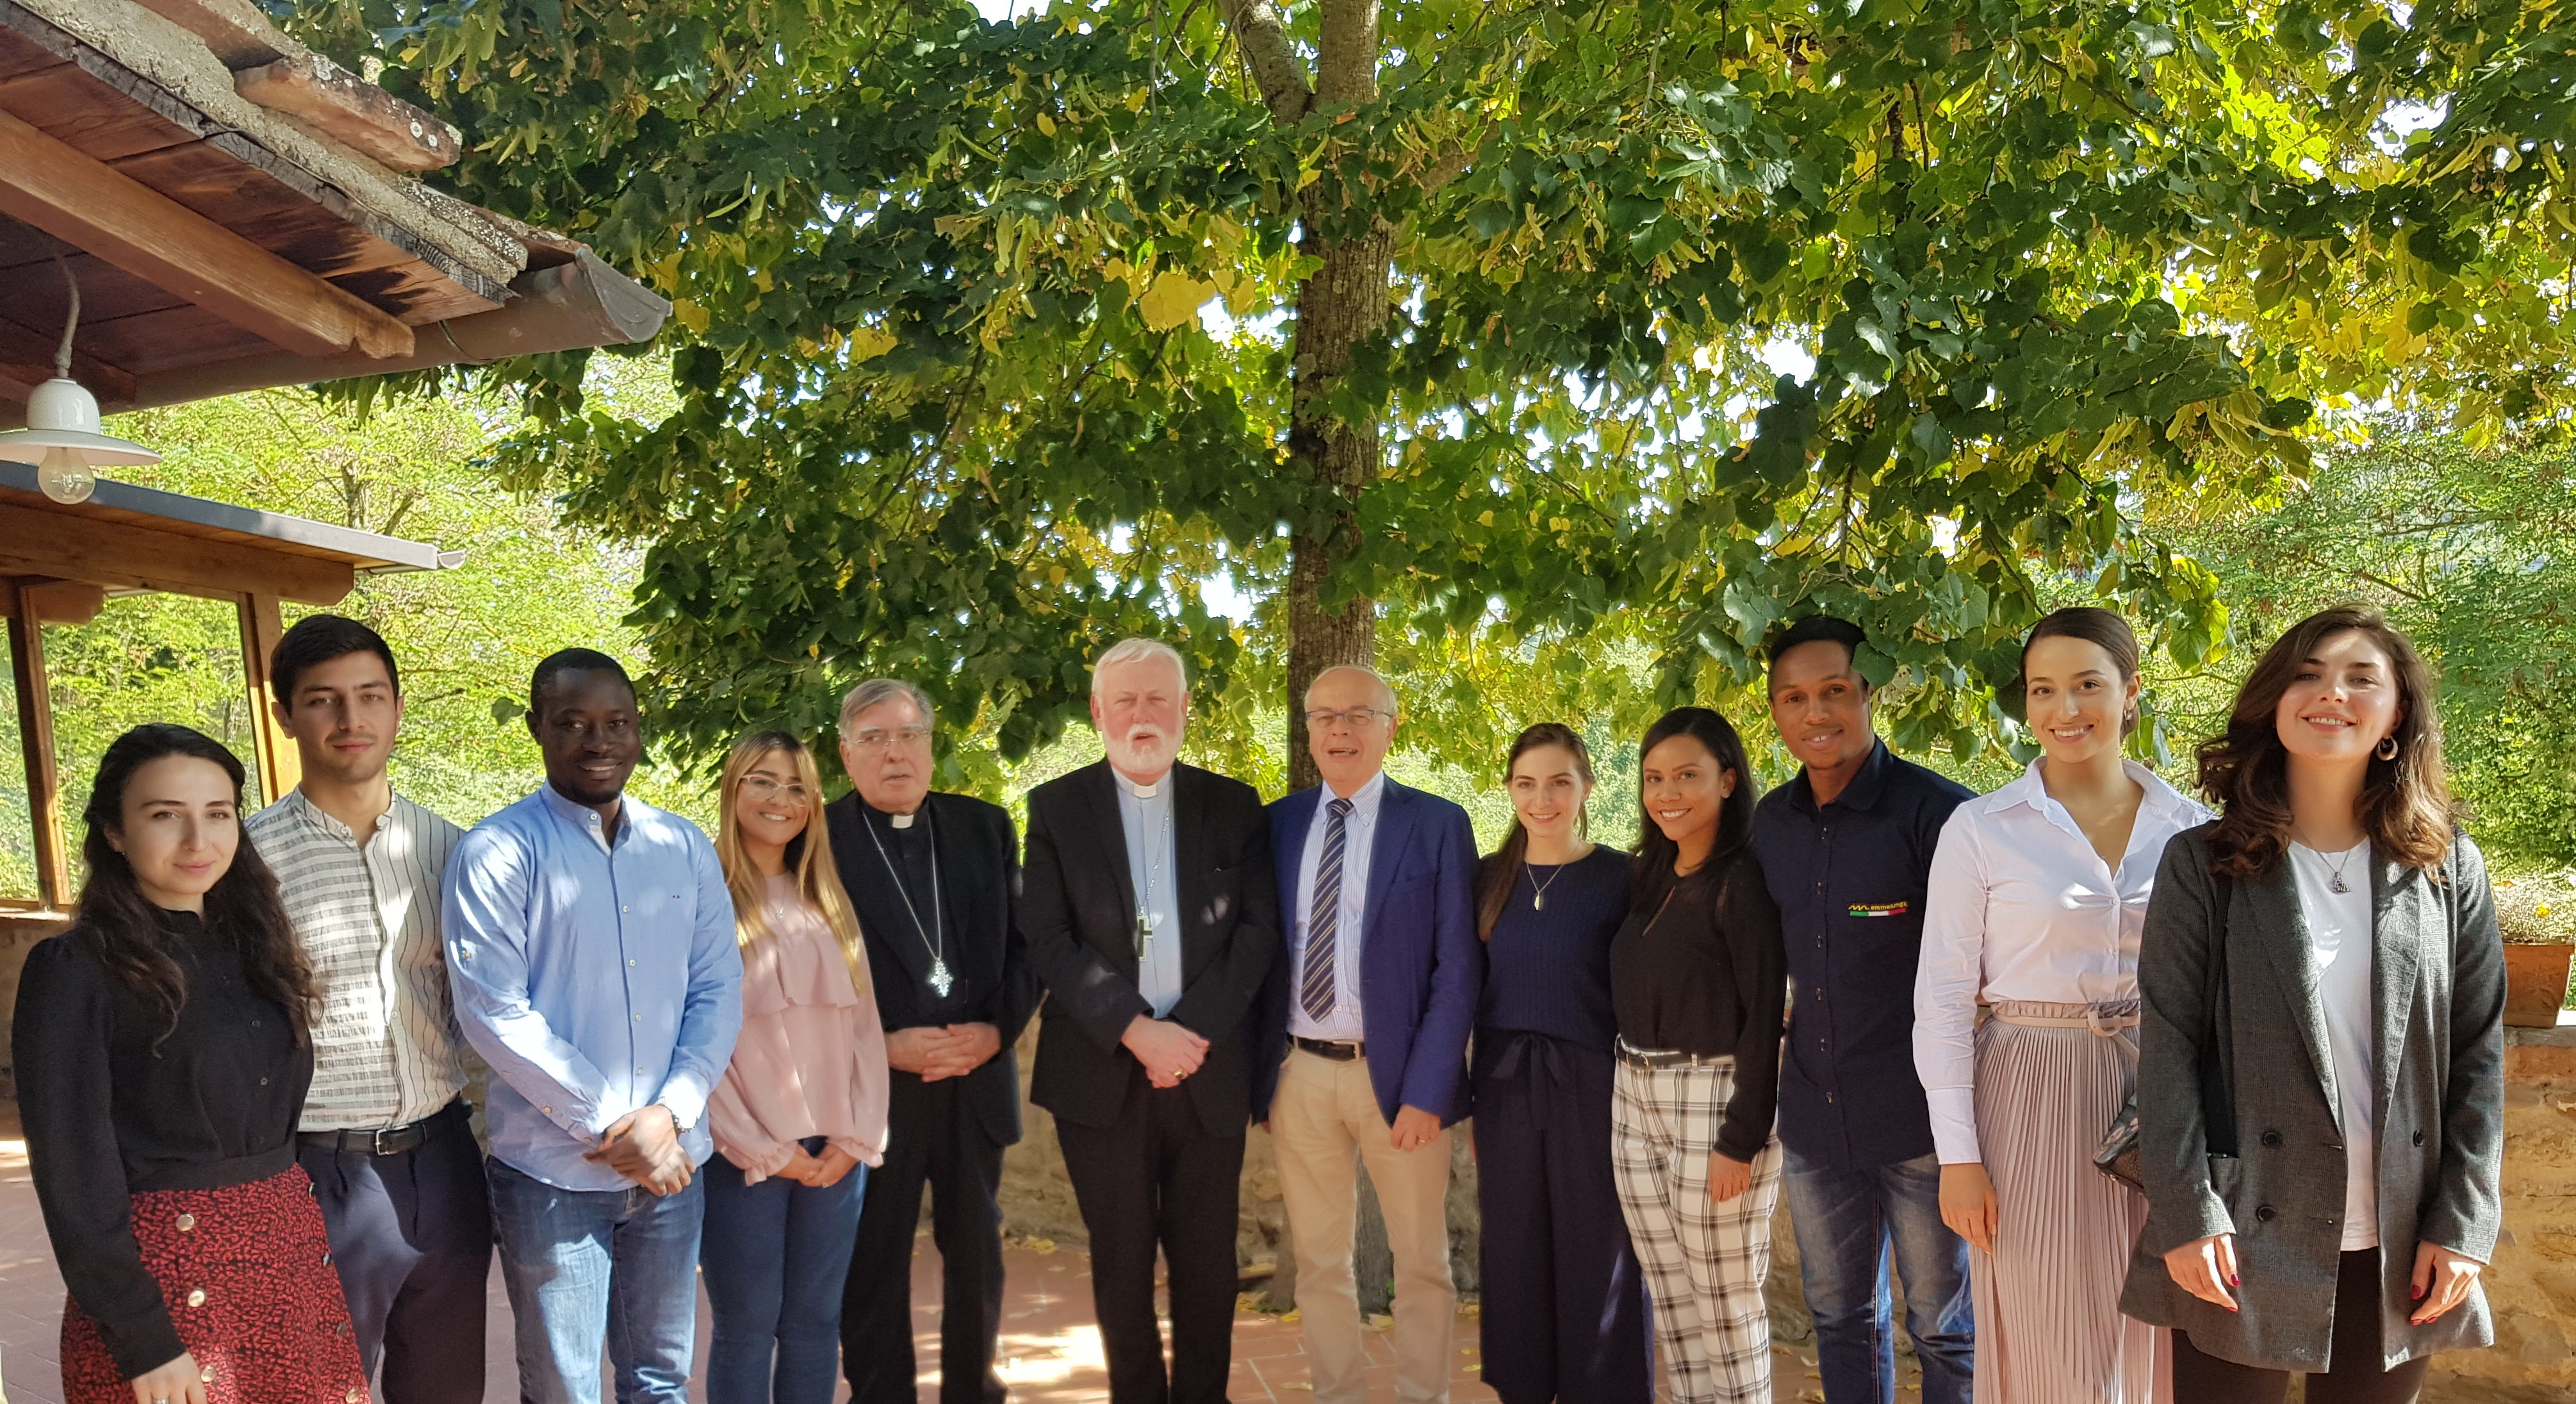 """Gallagher ai giovani di Rondine: """"Il vostro impegno con la campagna Leaders for Peace è da incoraggiare. Siete un motivo per sperare nel futuro"""""""